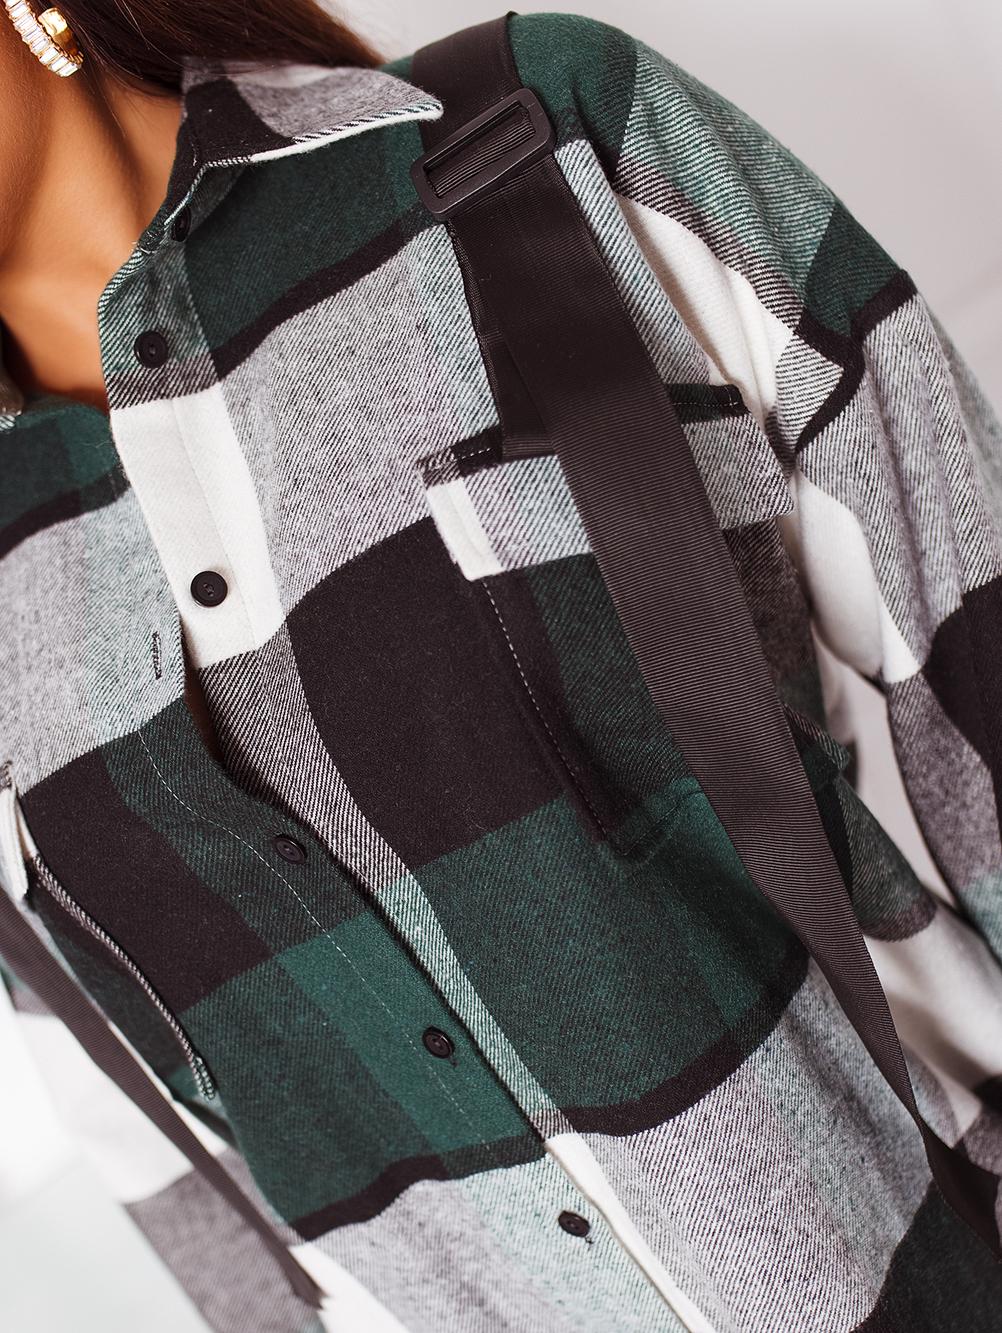 zielono-czarna-koszula-damska-w-krate-z-szelkami (5)